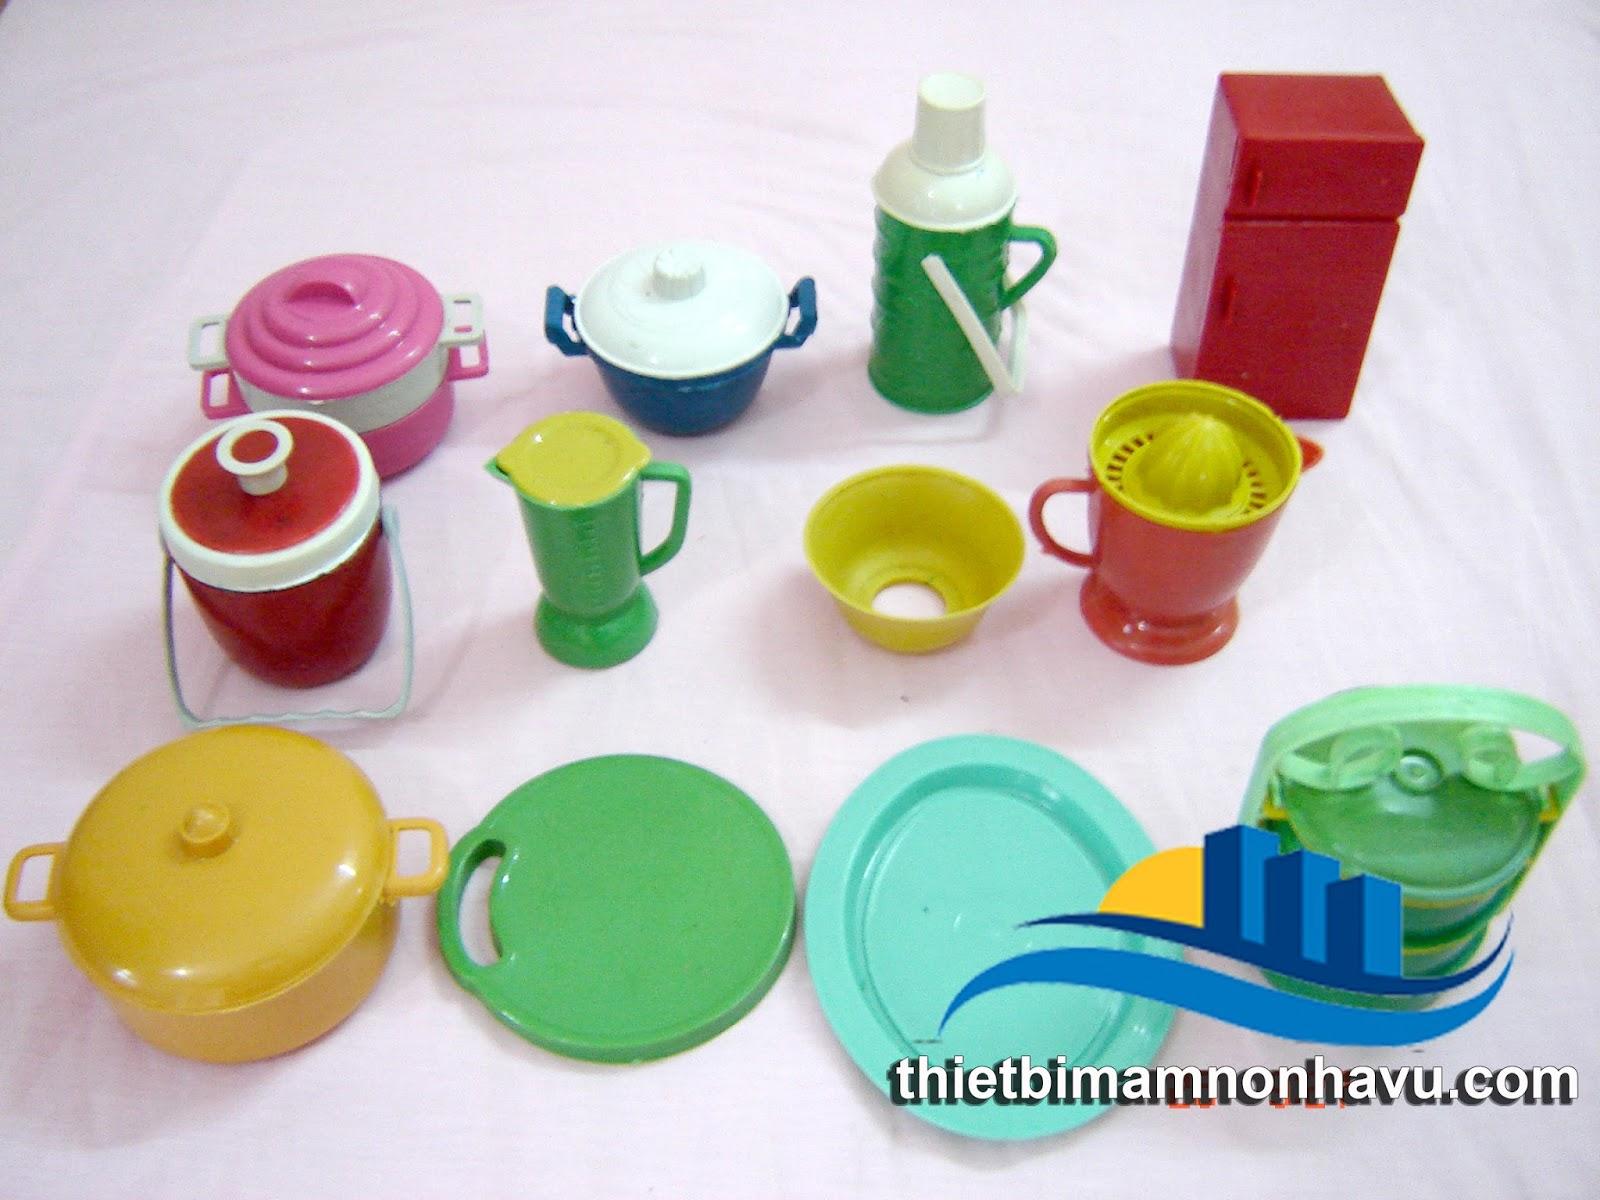 Những loại đồ chơi này có độ an toàn và độ bền khá cao